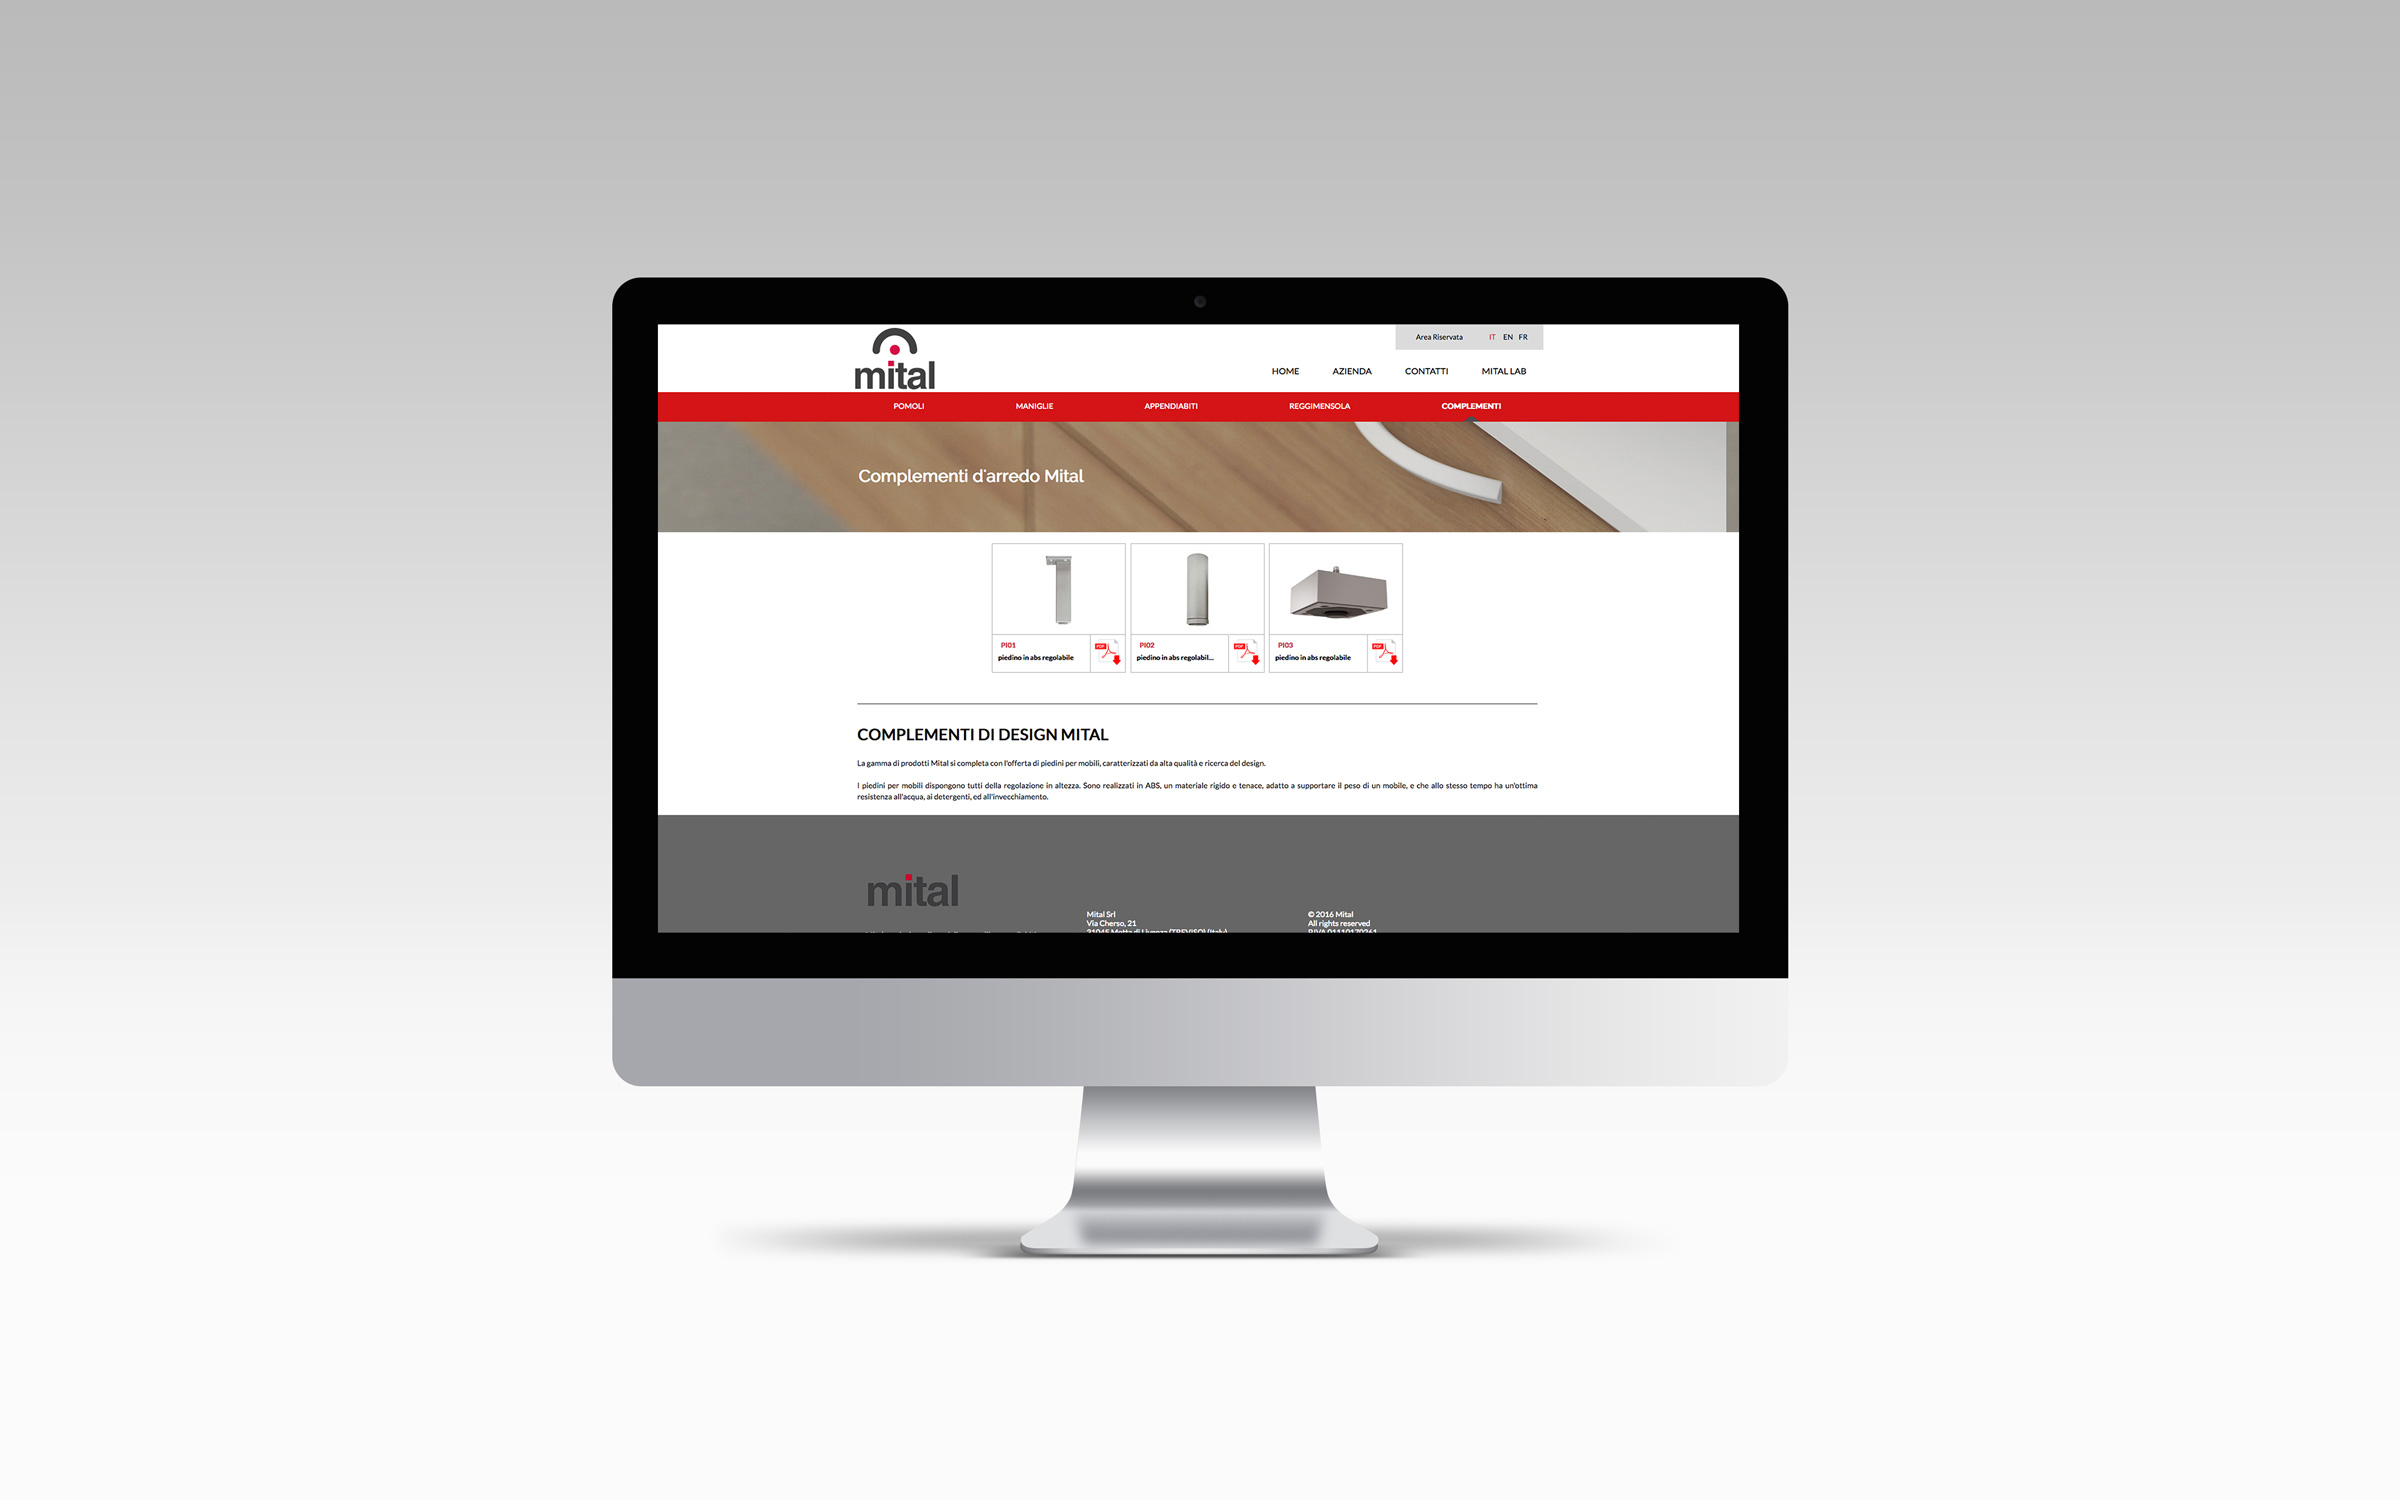 Pagina dettaglio sito Mital